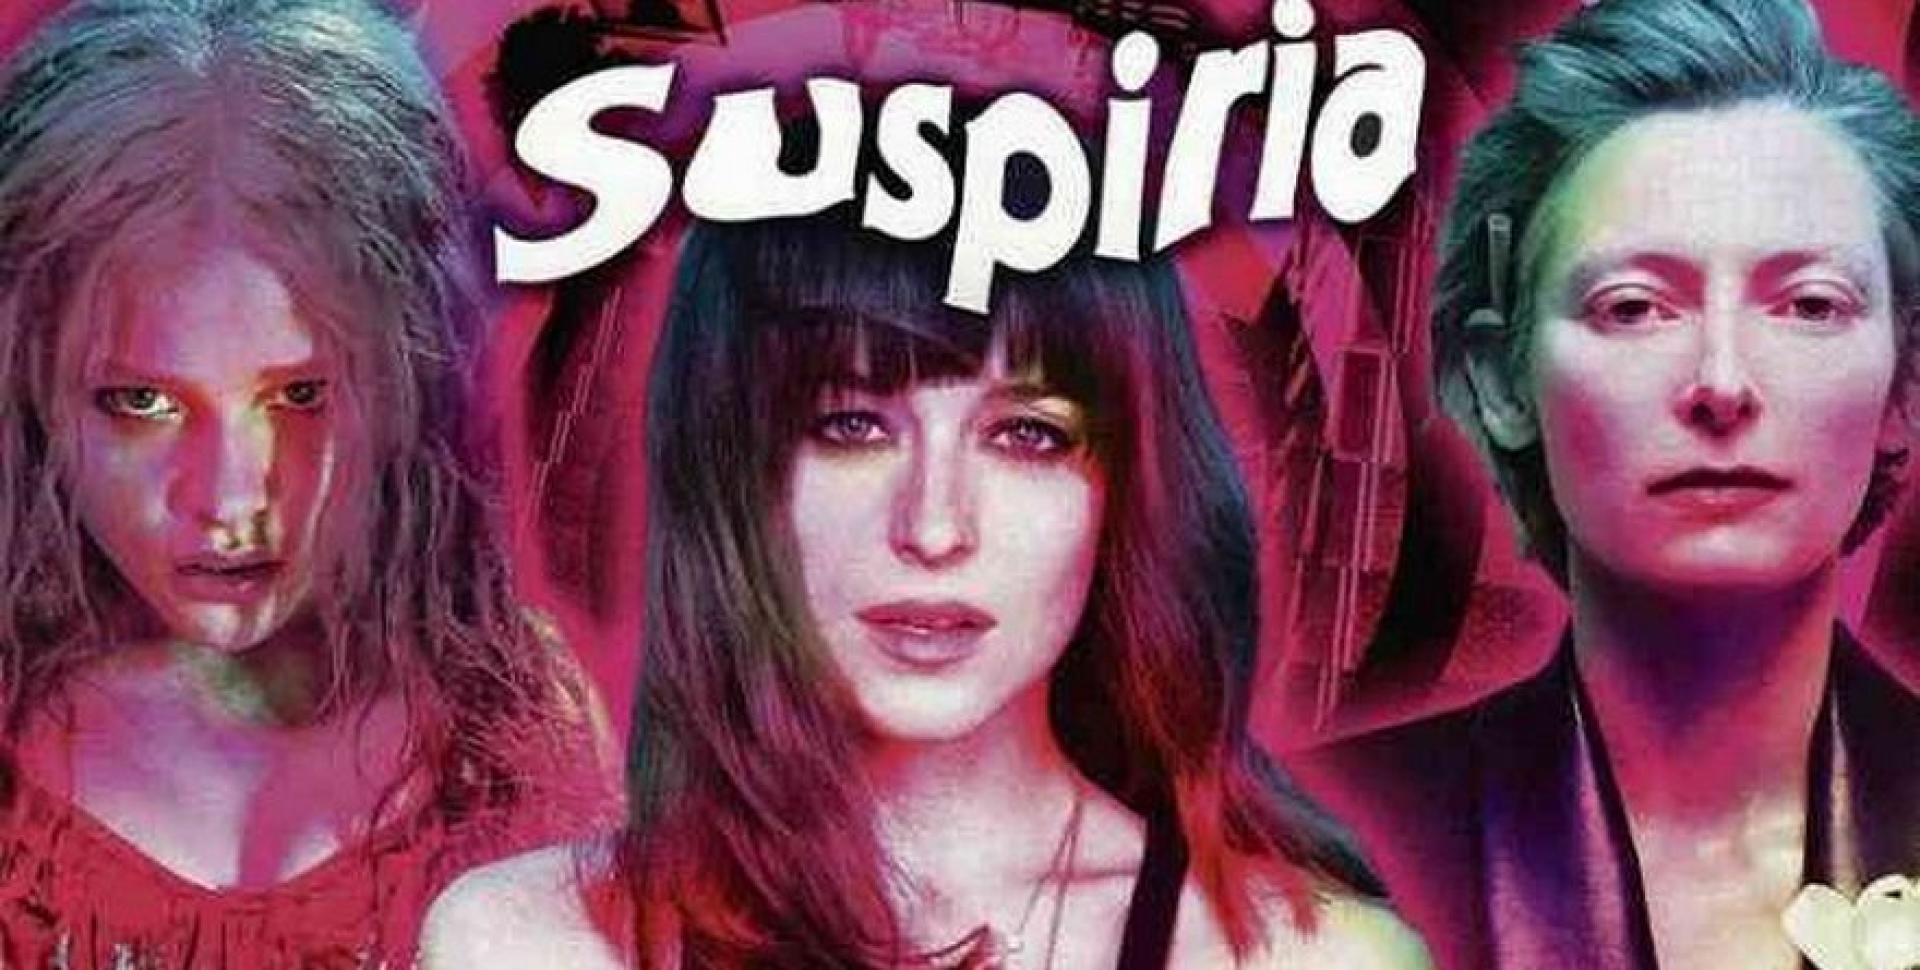 Dakota Johnson nyilatkozott a Suspiria feldolgozásáról